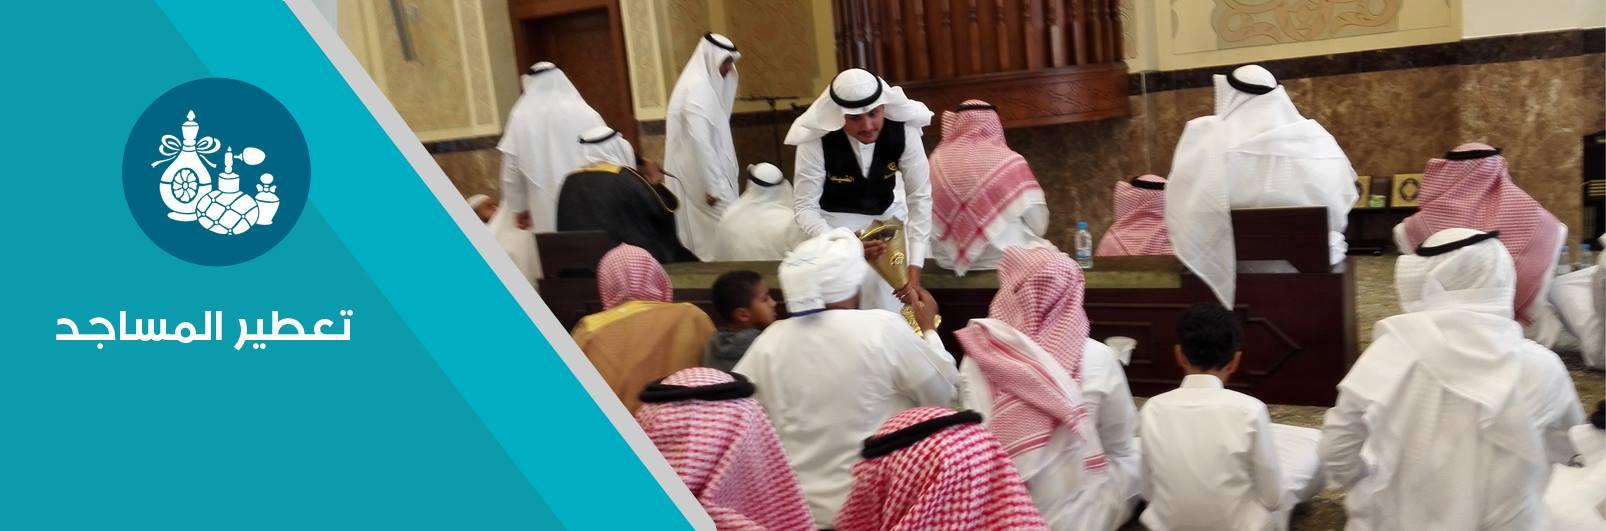 أهم المشاريع : تعطير المساجد